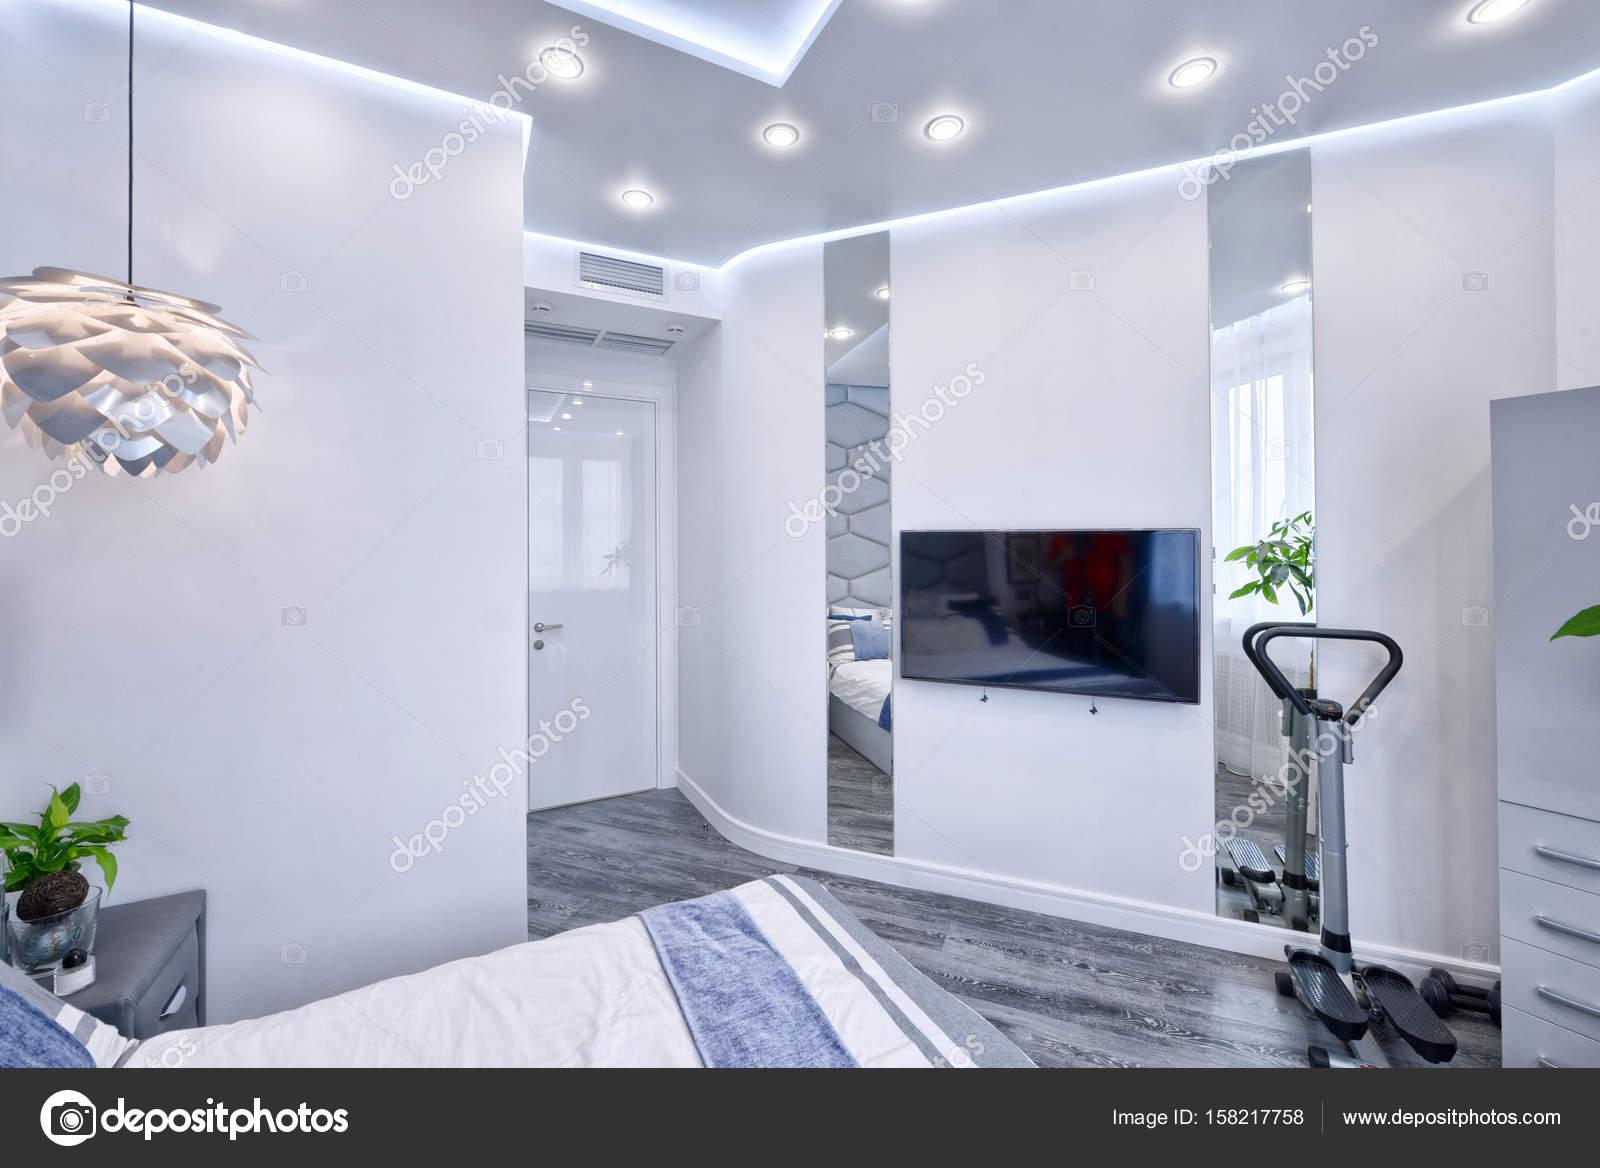 Interno camera da letto design moderno in toni di grigio e blu in un ...